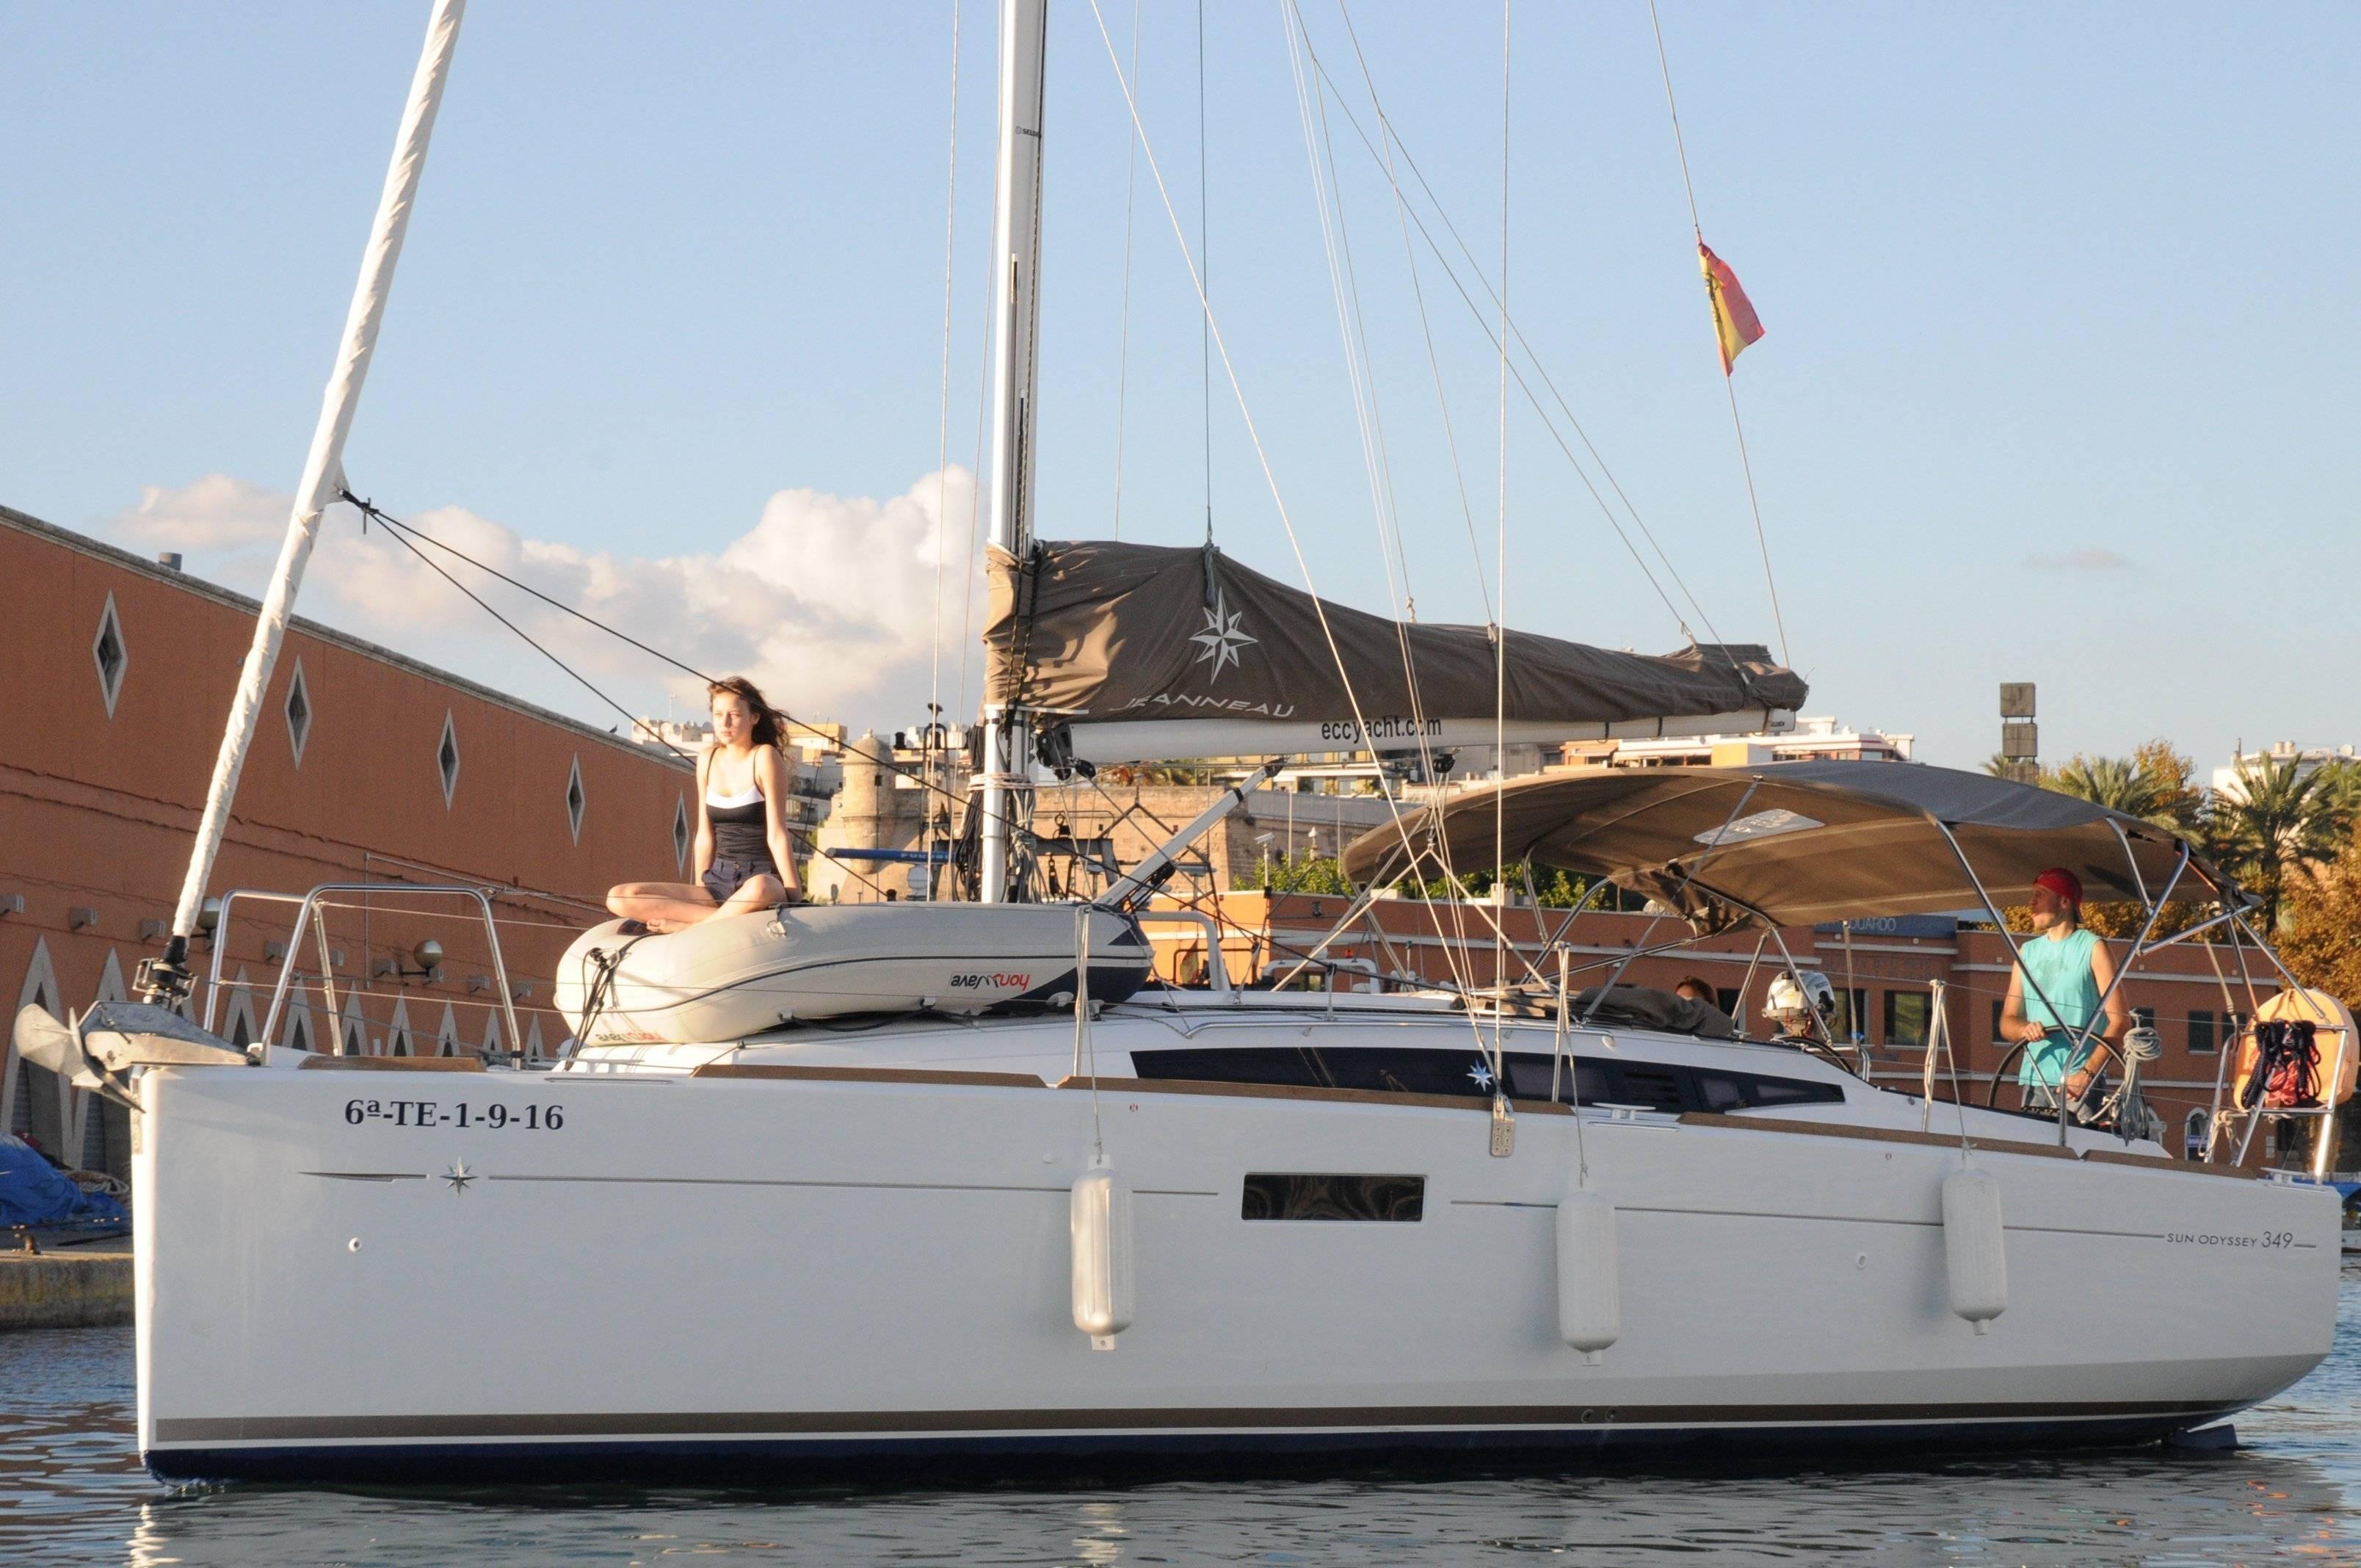 Классификация яхт в испании. какой должна быть идеальная лодка для аренды? - катера и яхты - каталония без посредников catalunya.ru